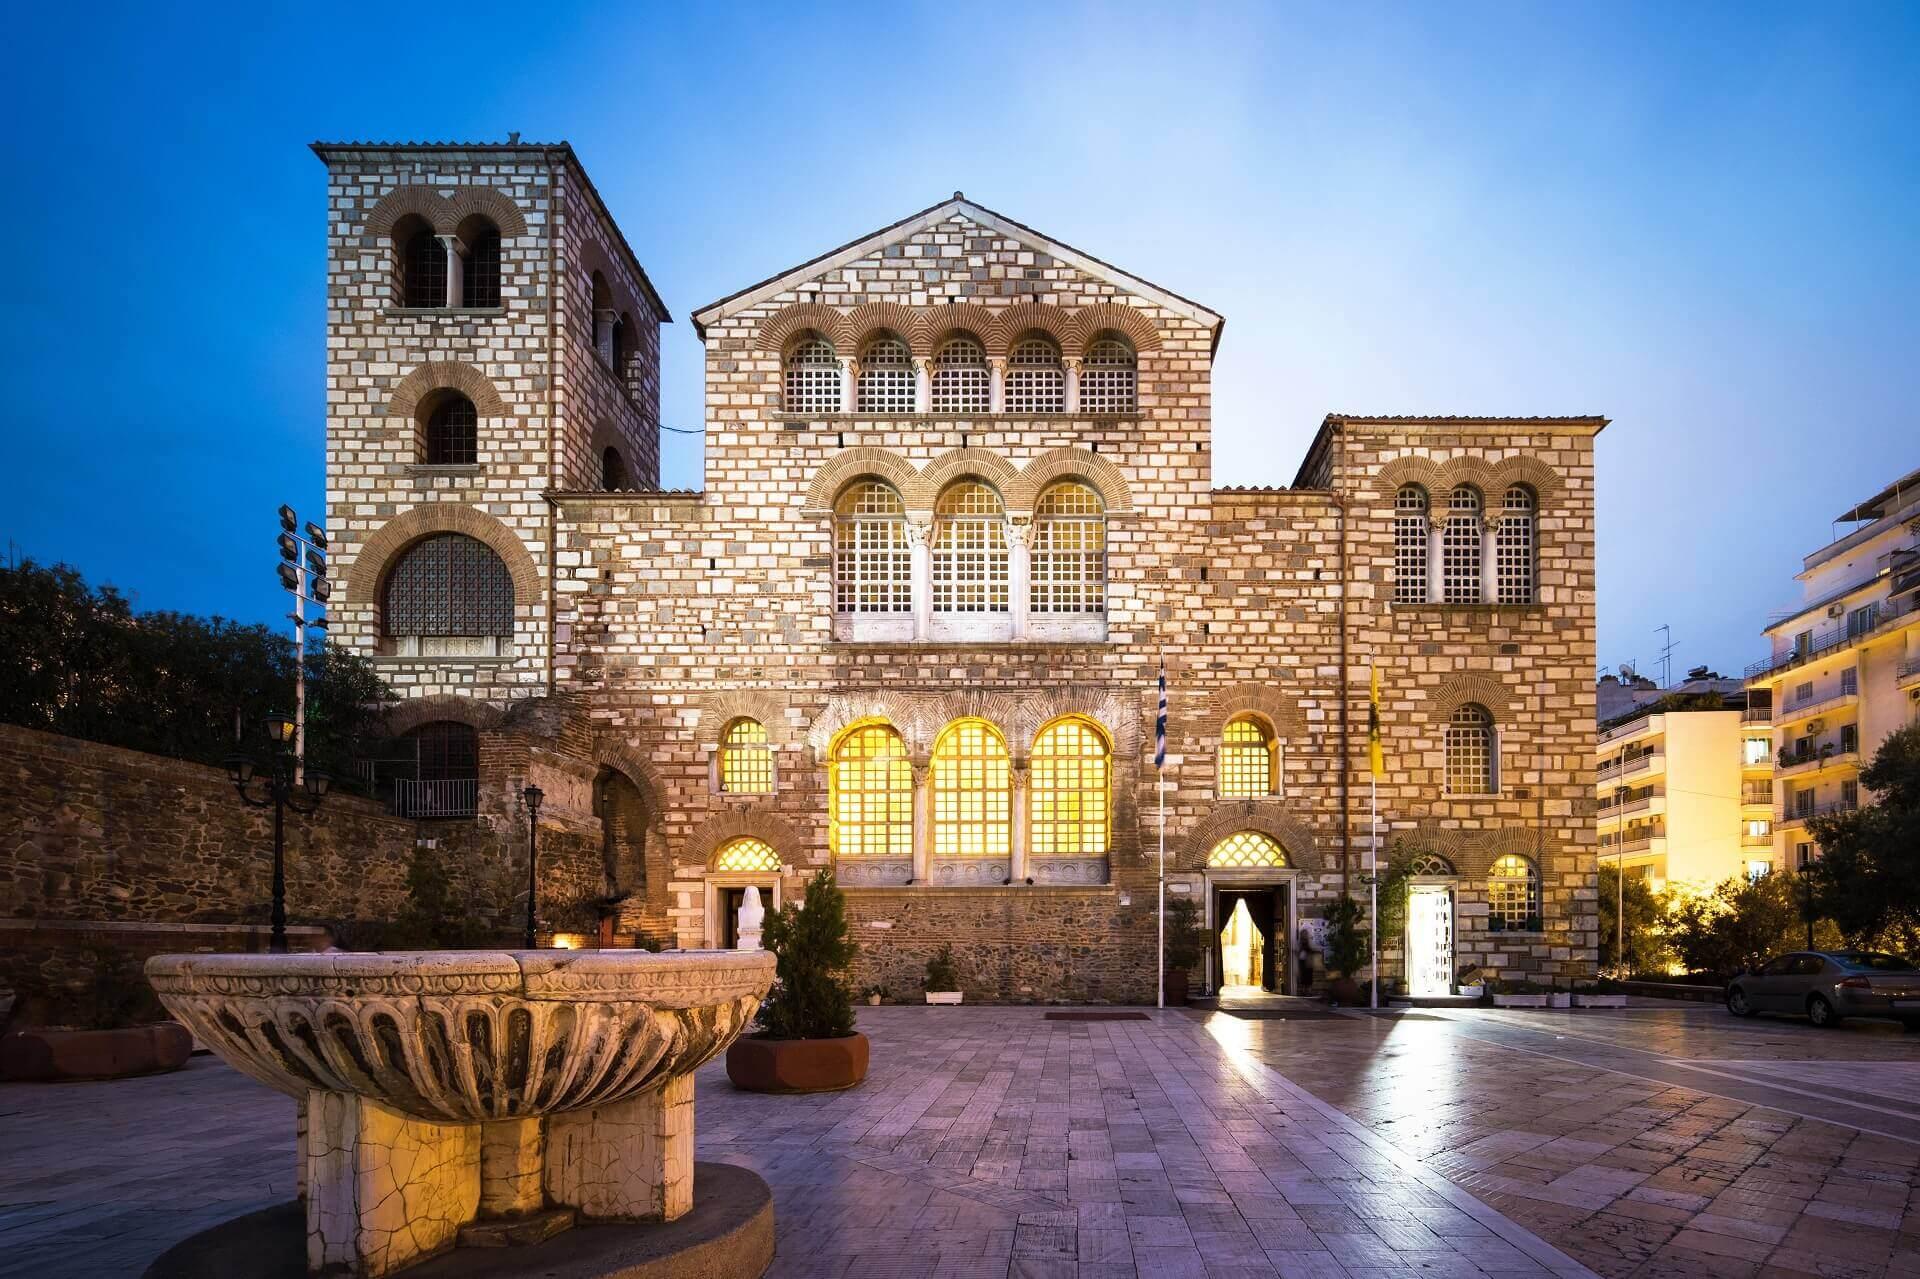 Βυζαντινές Εκκλησίες - Αρχαιολογικοί Χώροι Θεσσαλονίκης